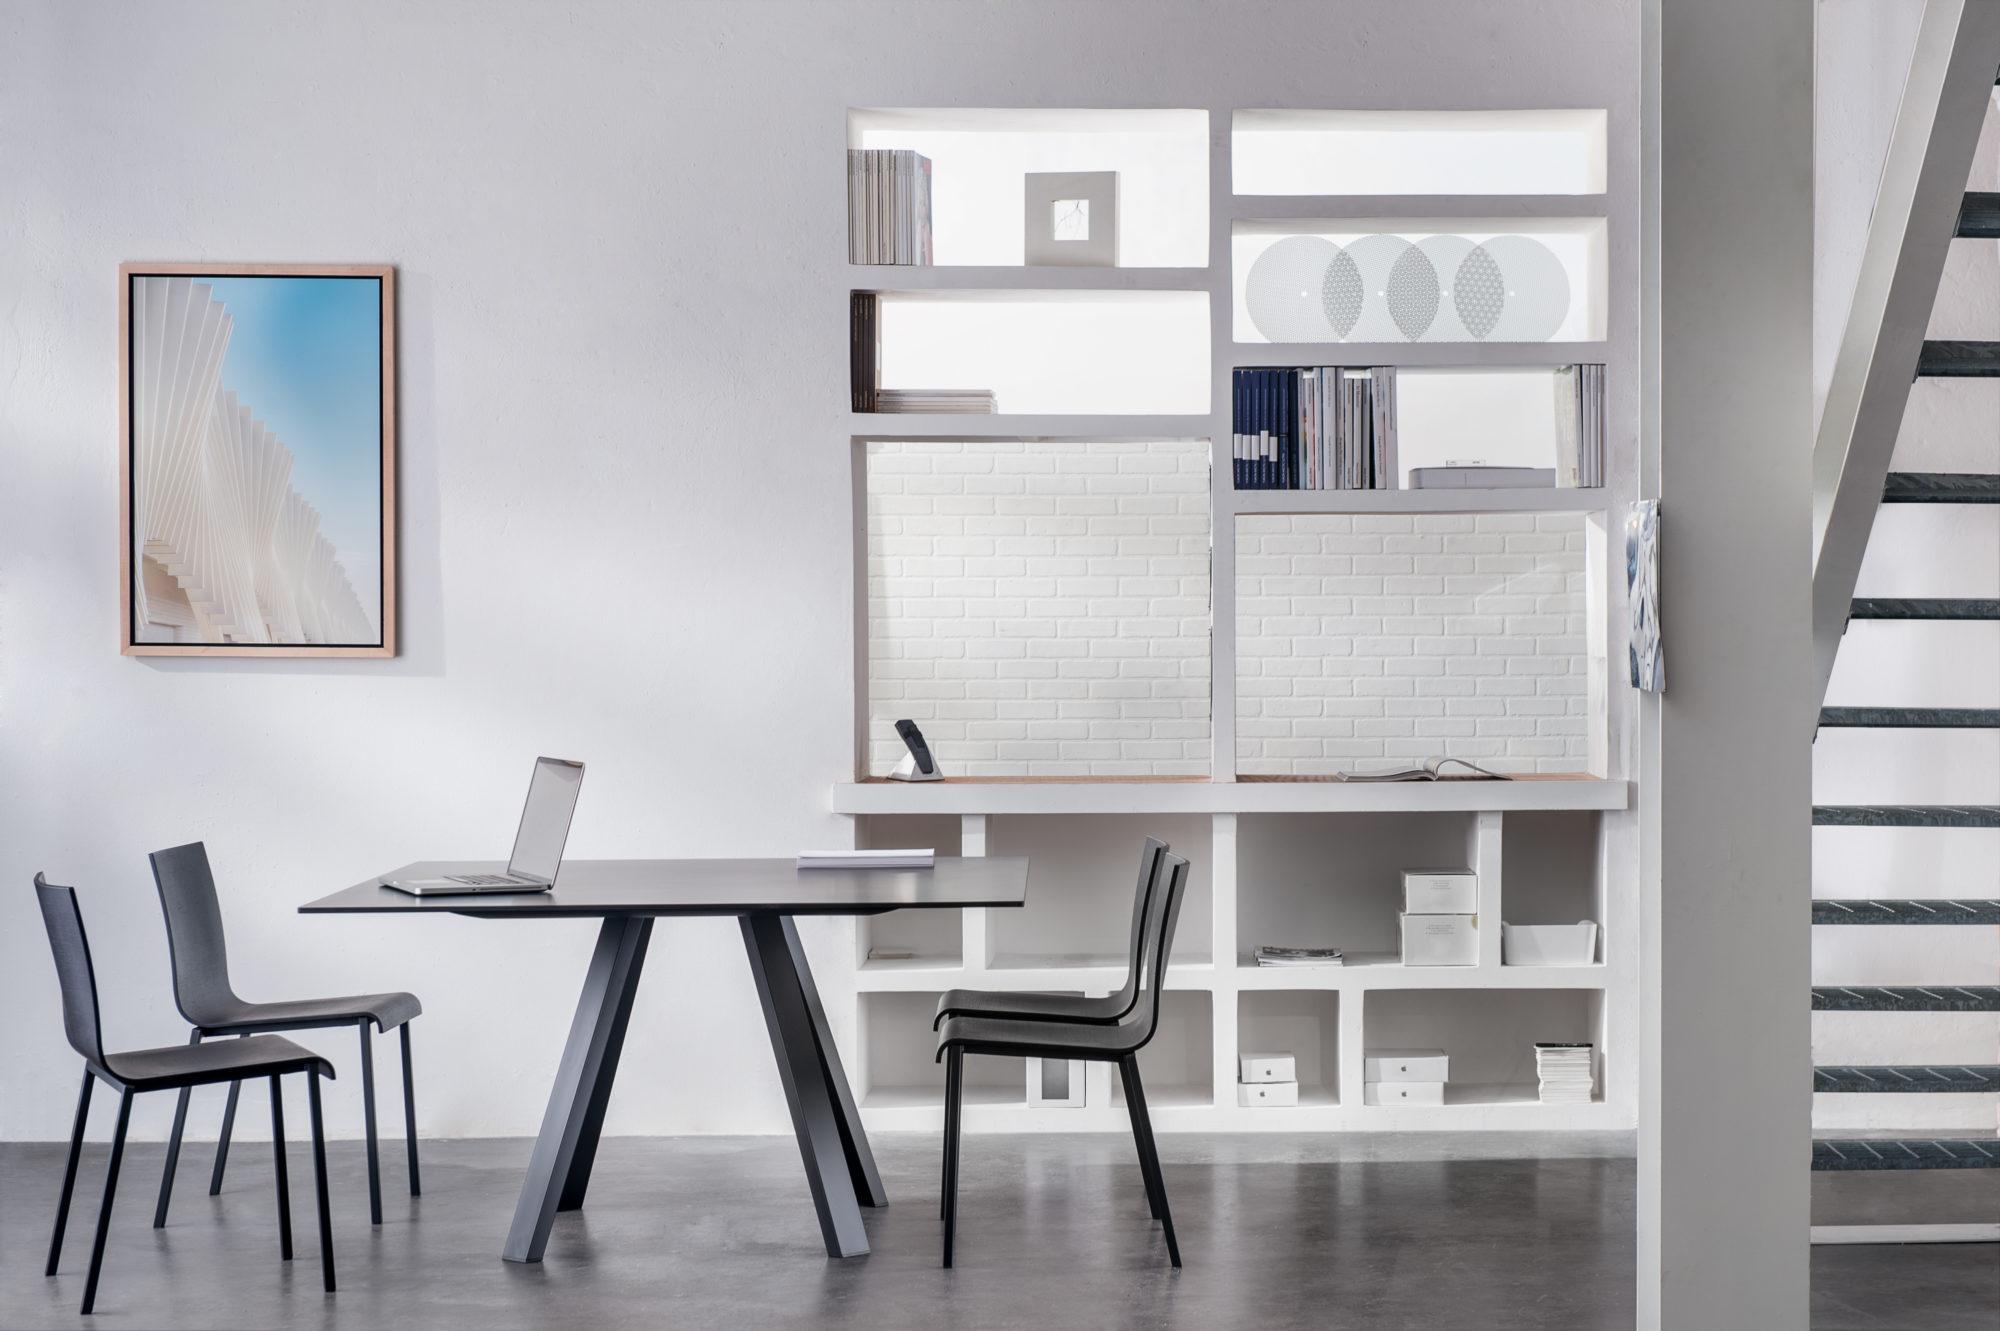 Sedia kuadra e tavolo arki table fotografo brescia for Pedrali arredamento